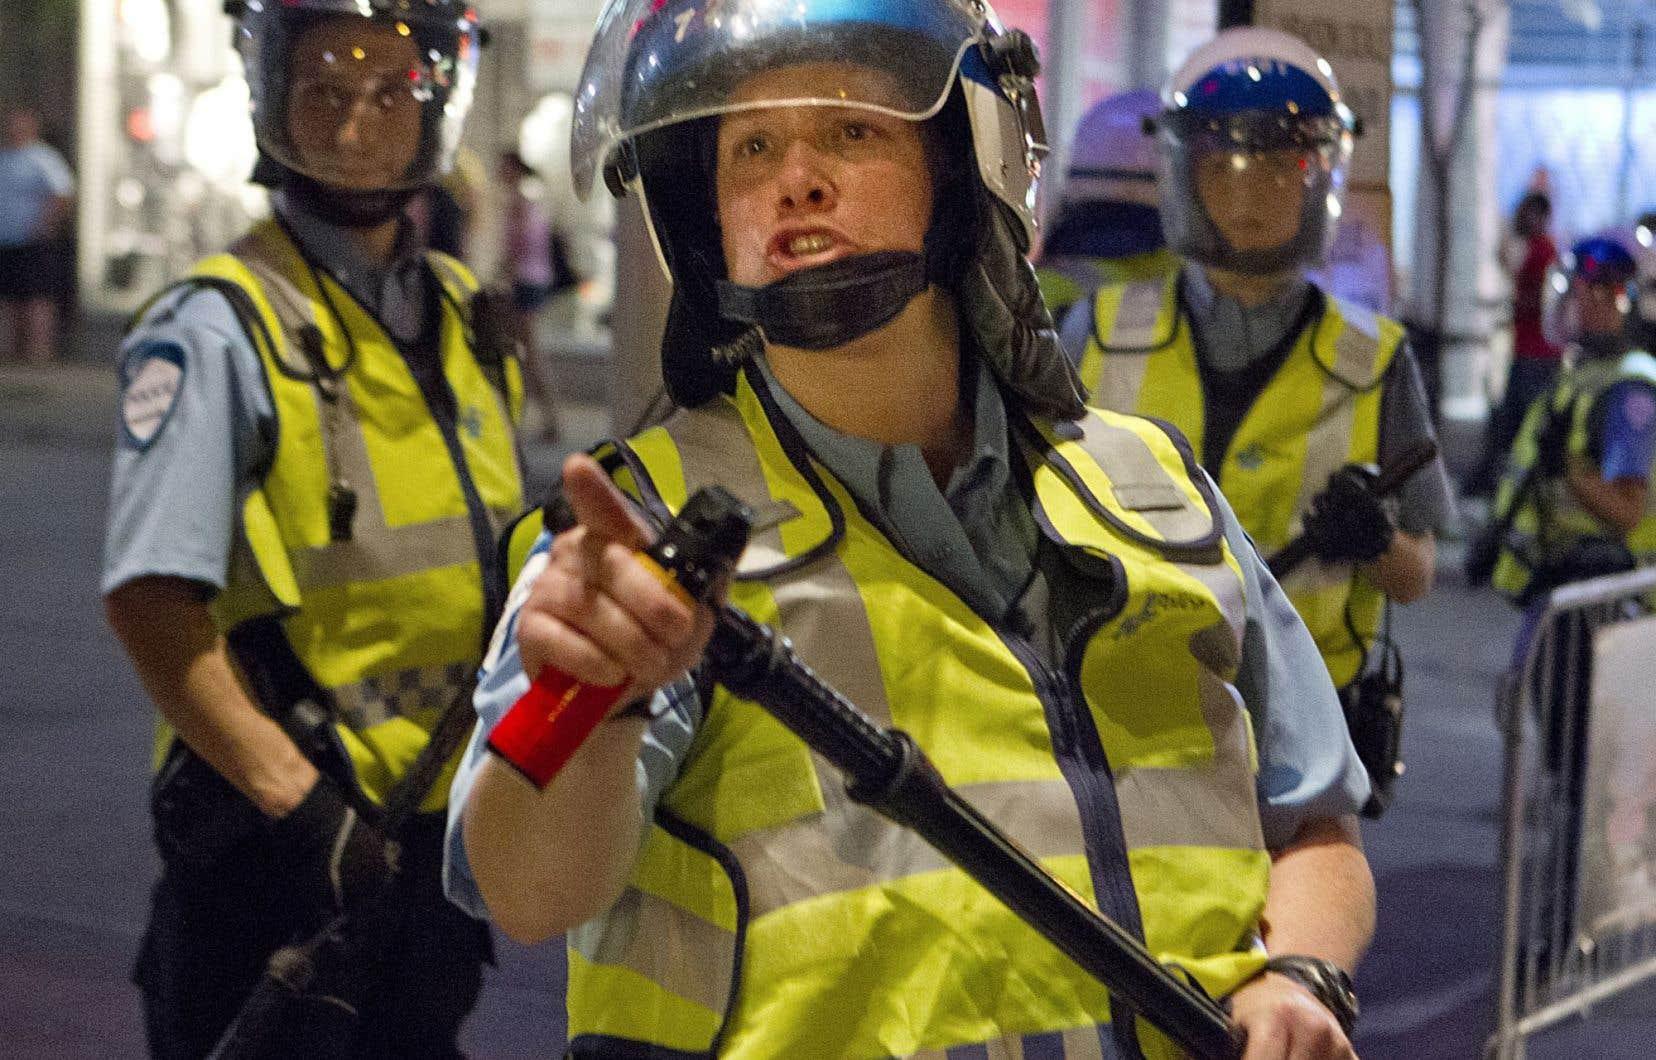 Stéfanie Trudeau, alias matricule 728, lors de la crise étudiante du printemps 2012.